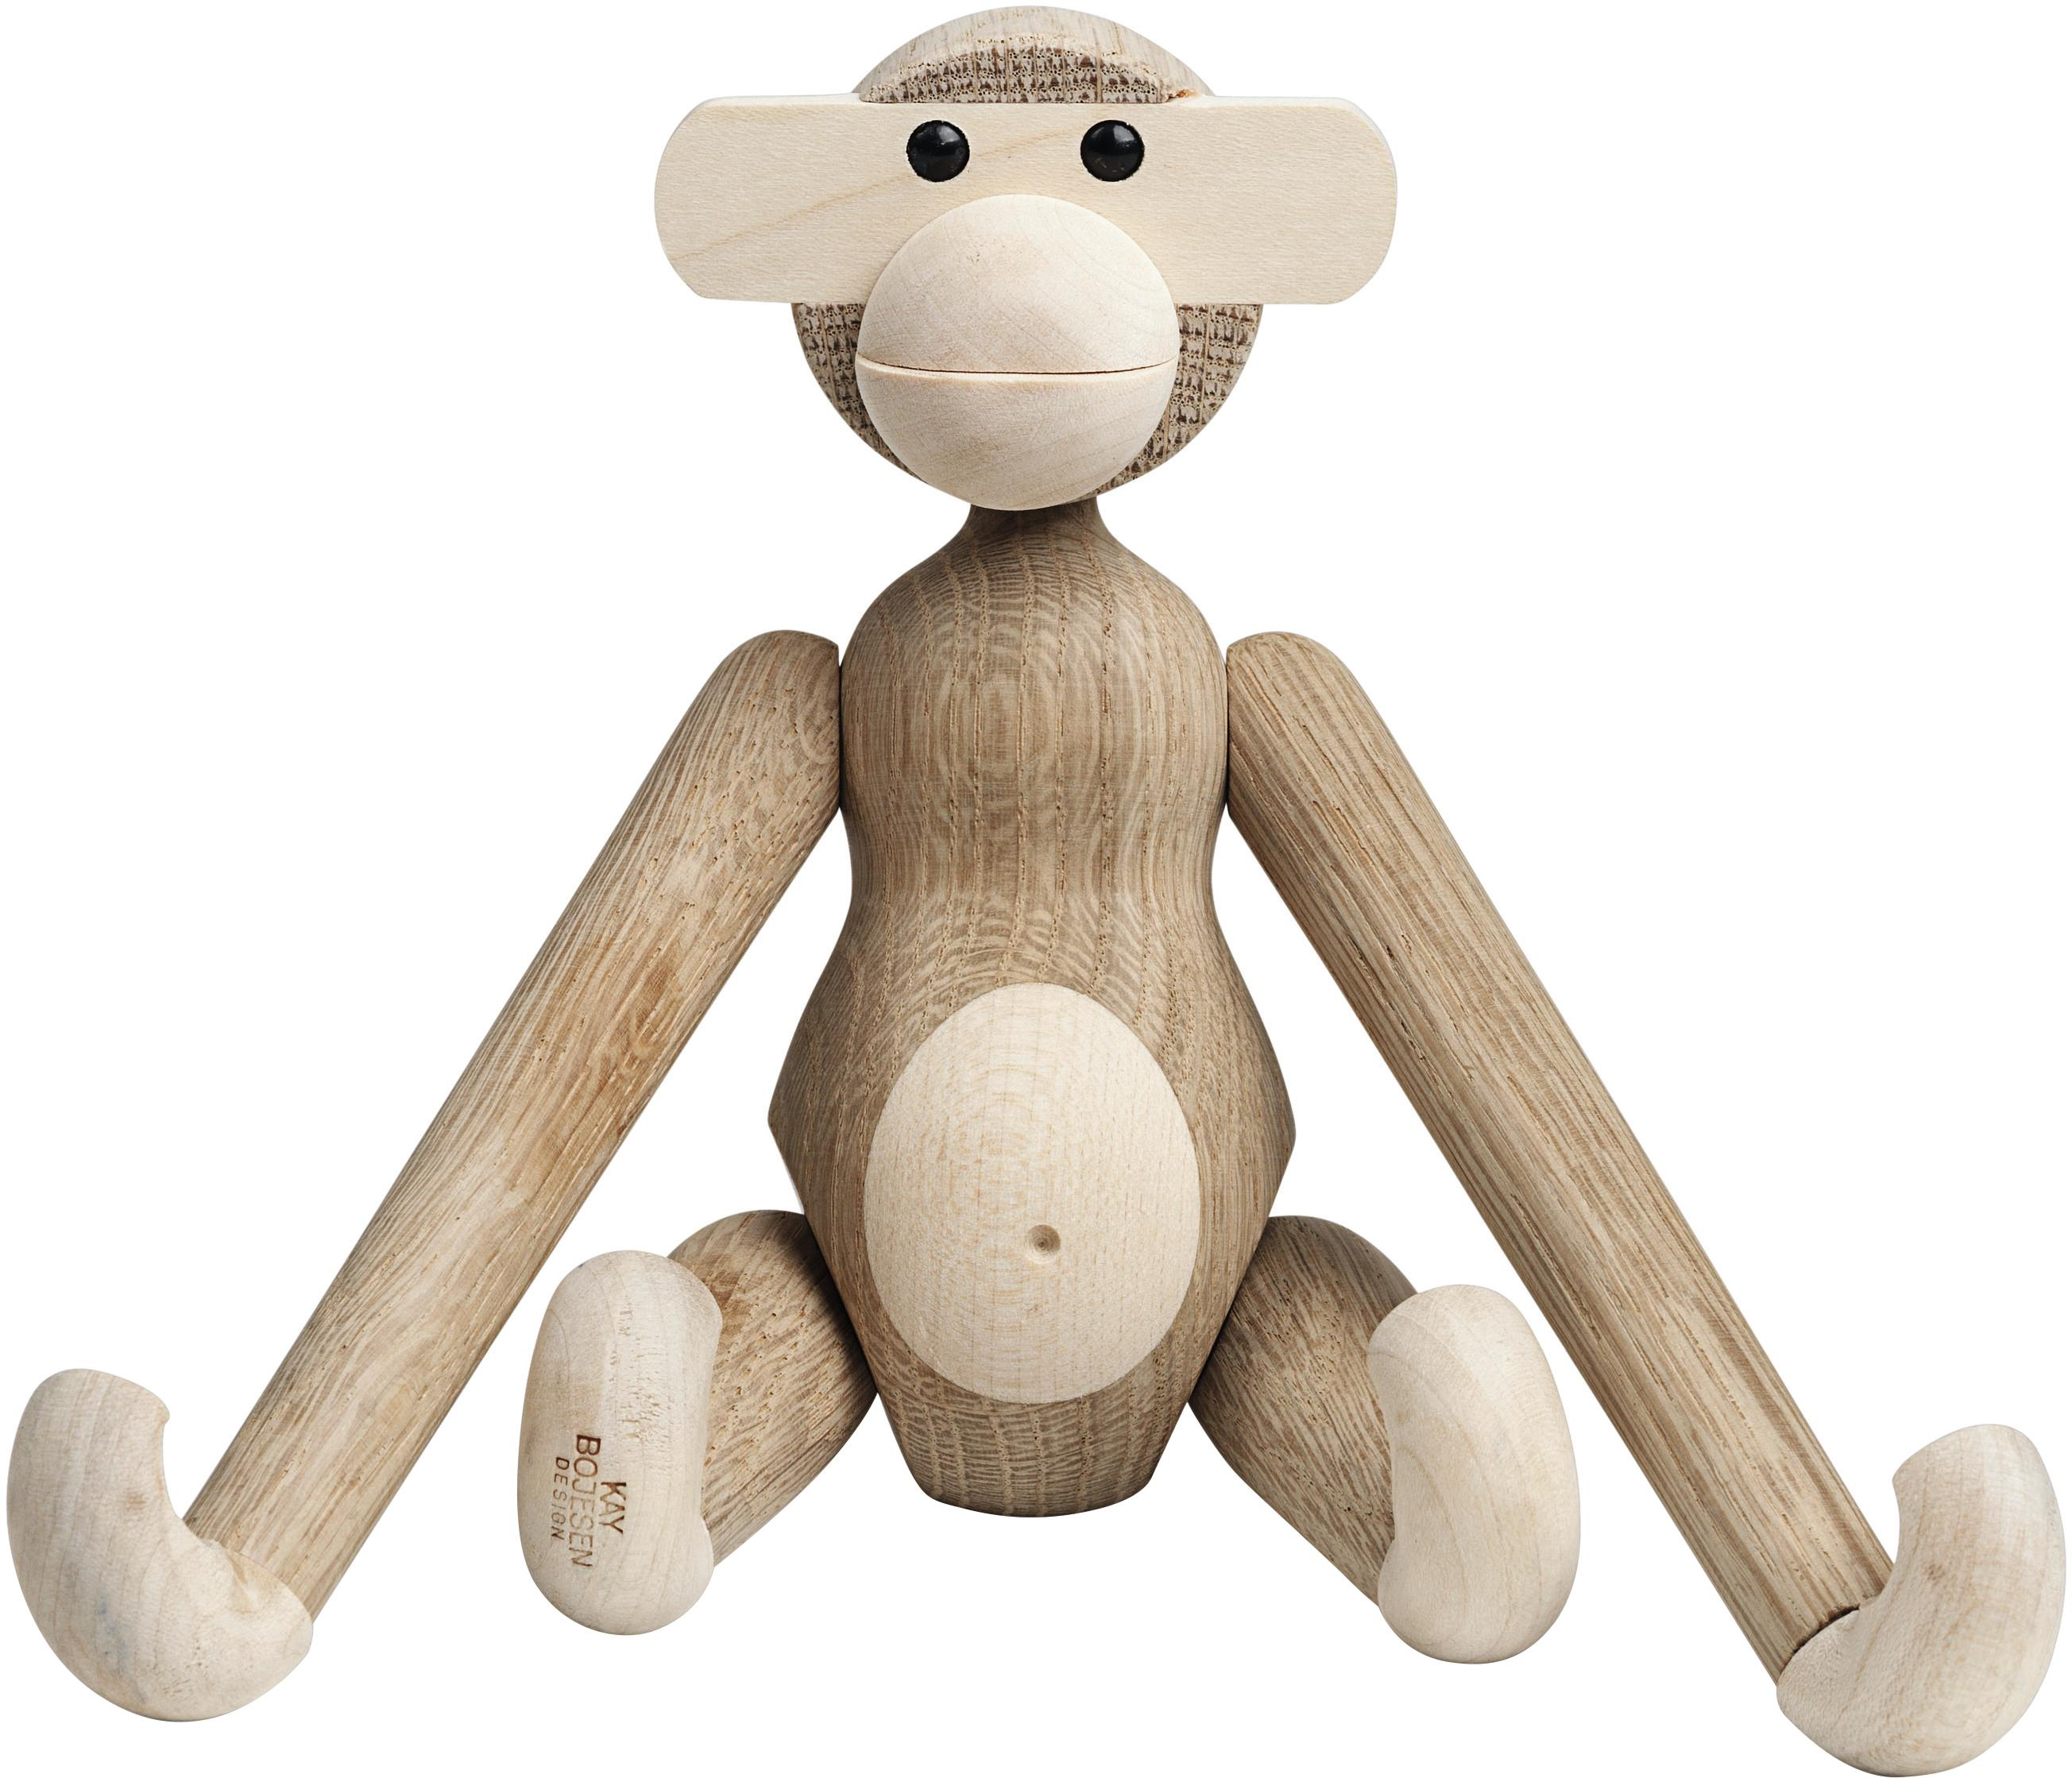 Oggetto decorativo di design in legno Monkey, Legno di quercia, legno di acero verniciato, Legno di quercia, legno di acero, Larg. 20 x Alt. 19 cm